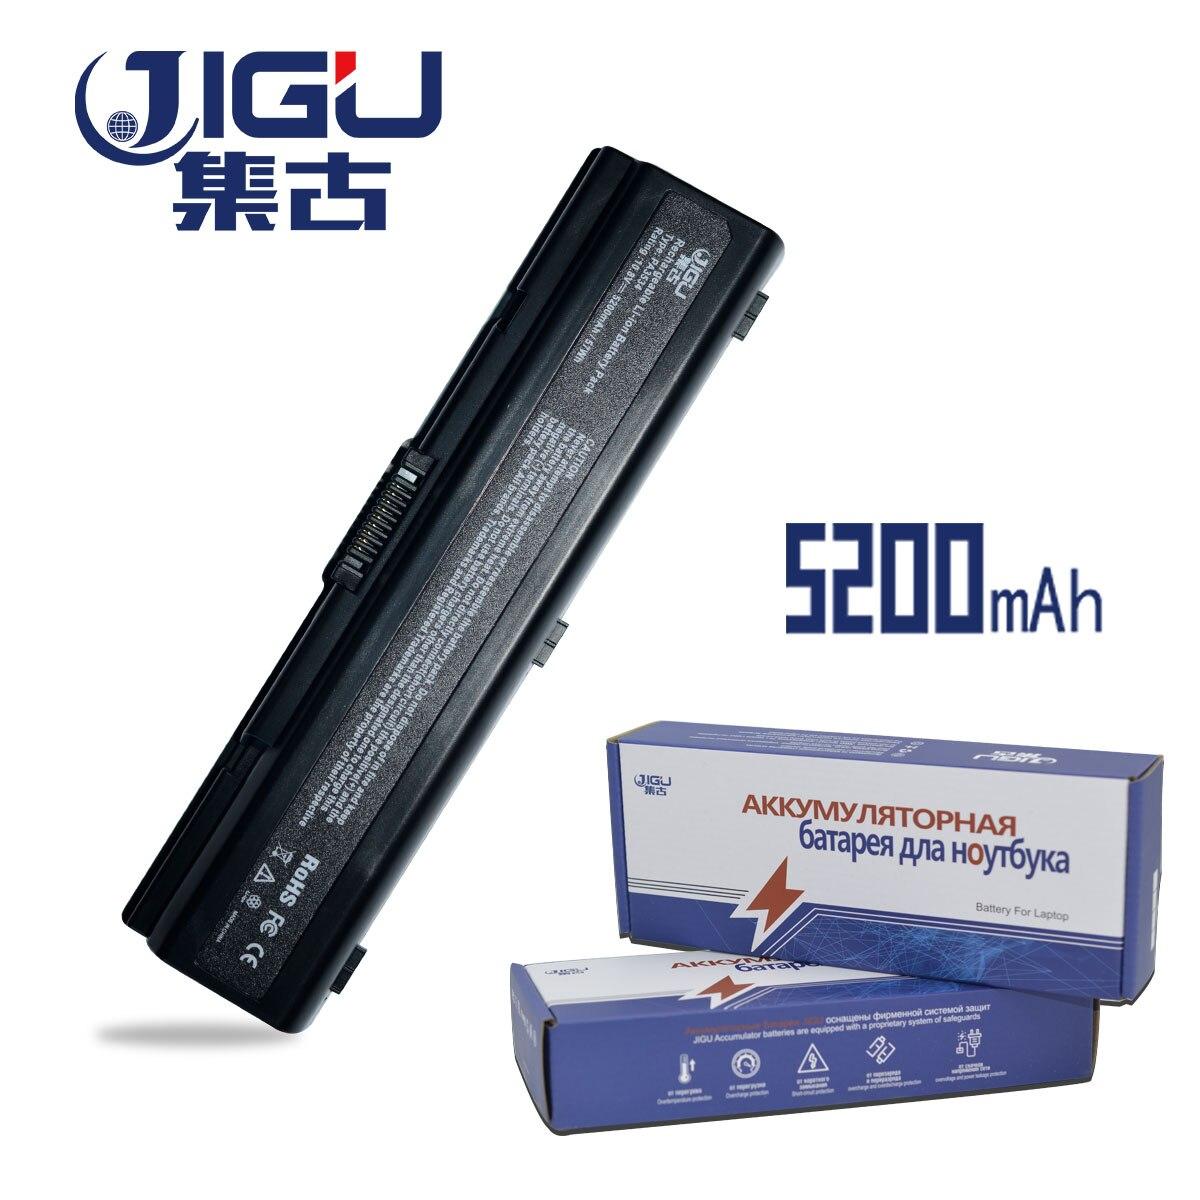 Bateria Do Portátil Para Toshiba Satellite A500 L203 JIGU L500 L505 L555 M205 M207 M211 M216 M212 Pro A210 L300D L450 a200 L300 L550